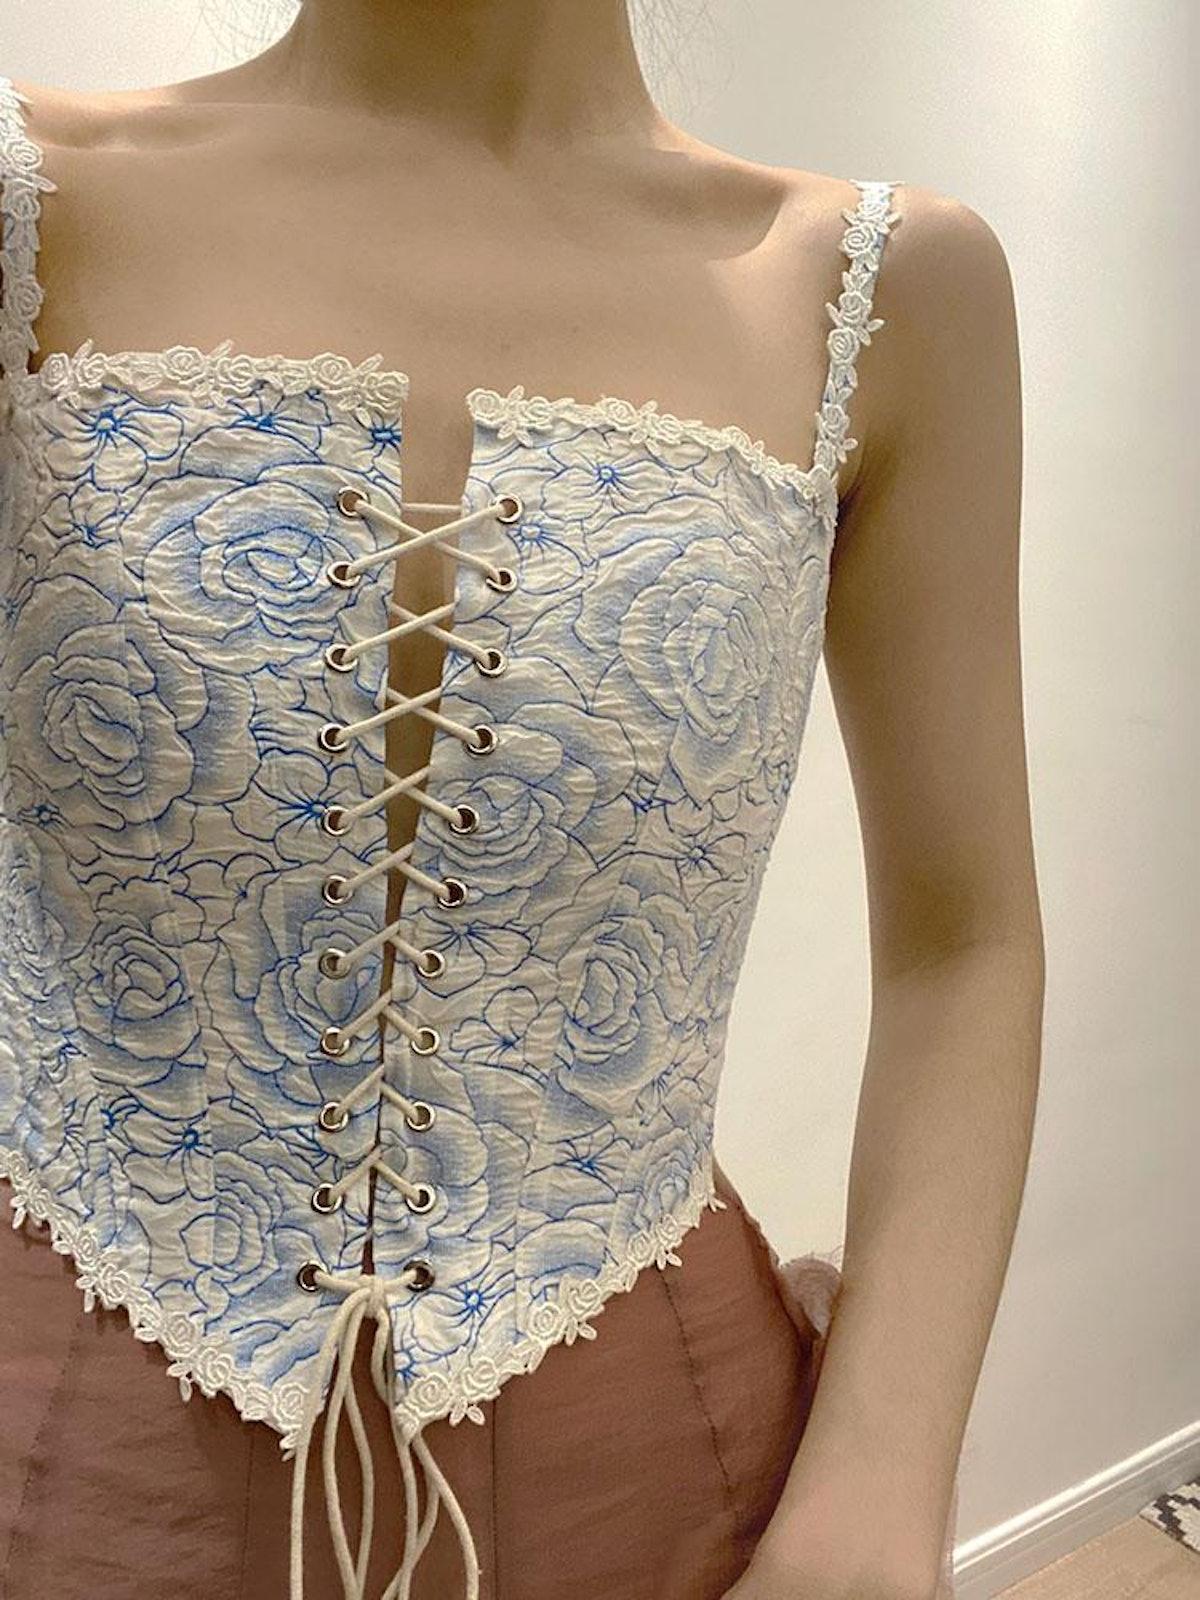 Vintage Blue Rose Print Lace Up Corset